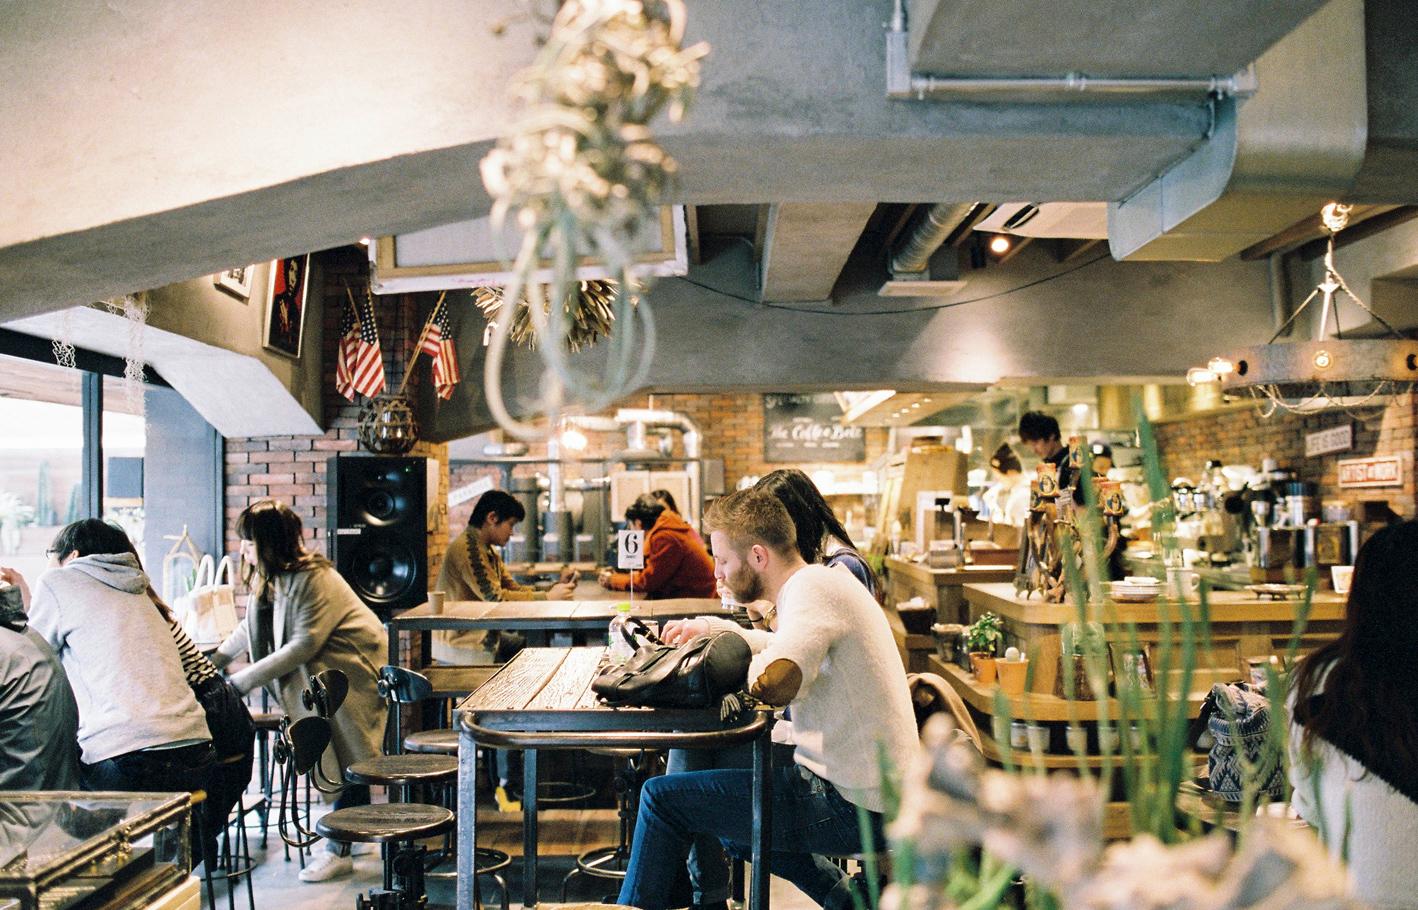 043-tokyo-japan-sophie-baker-photography